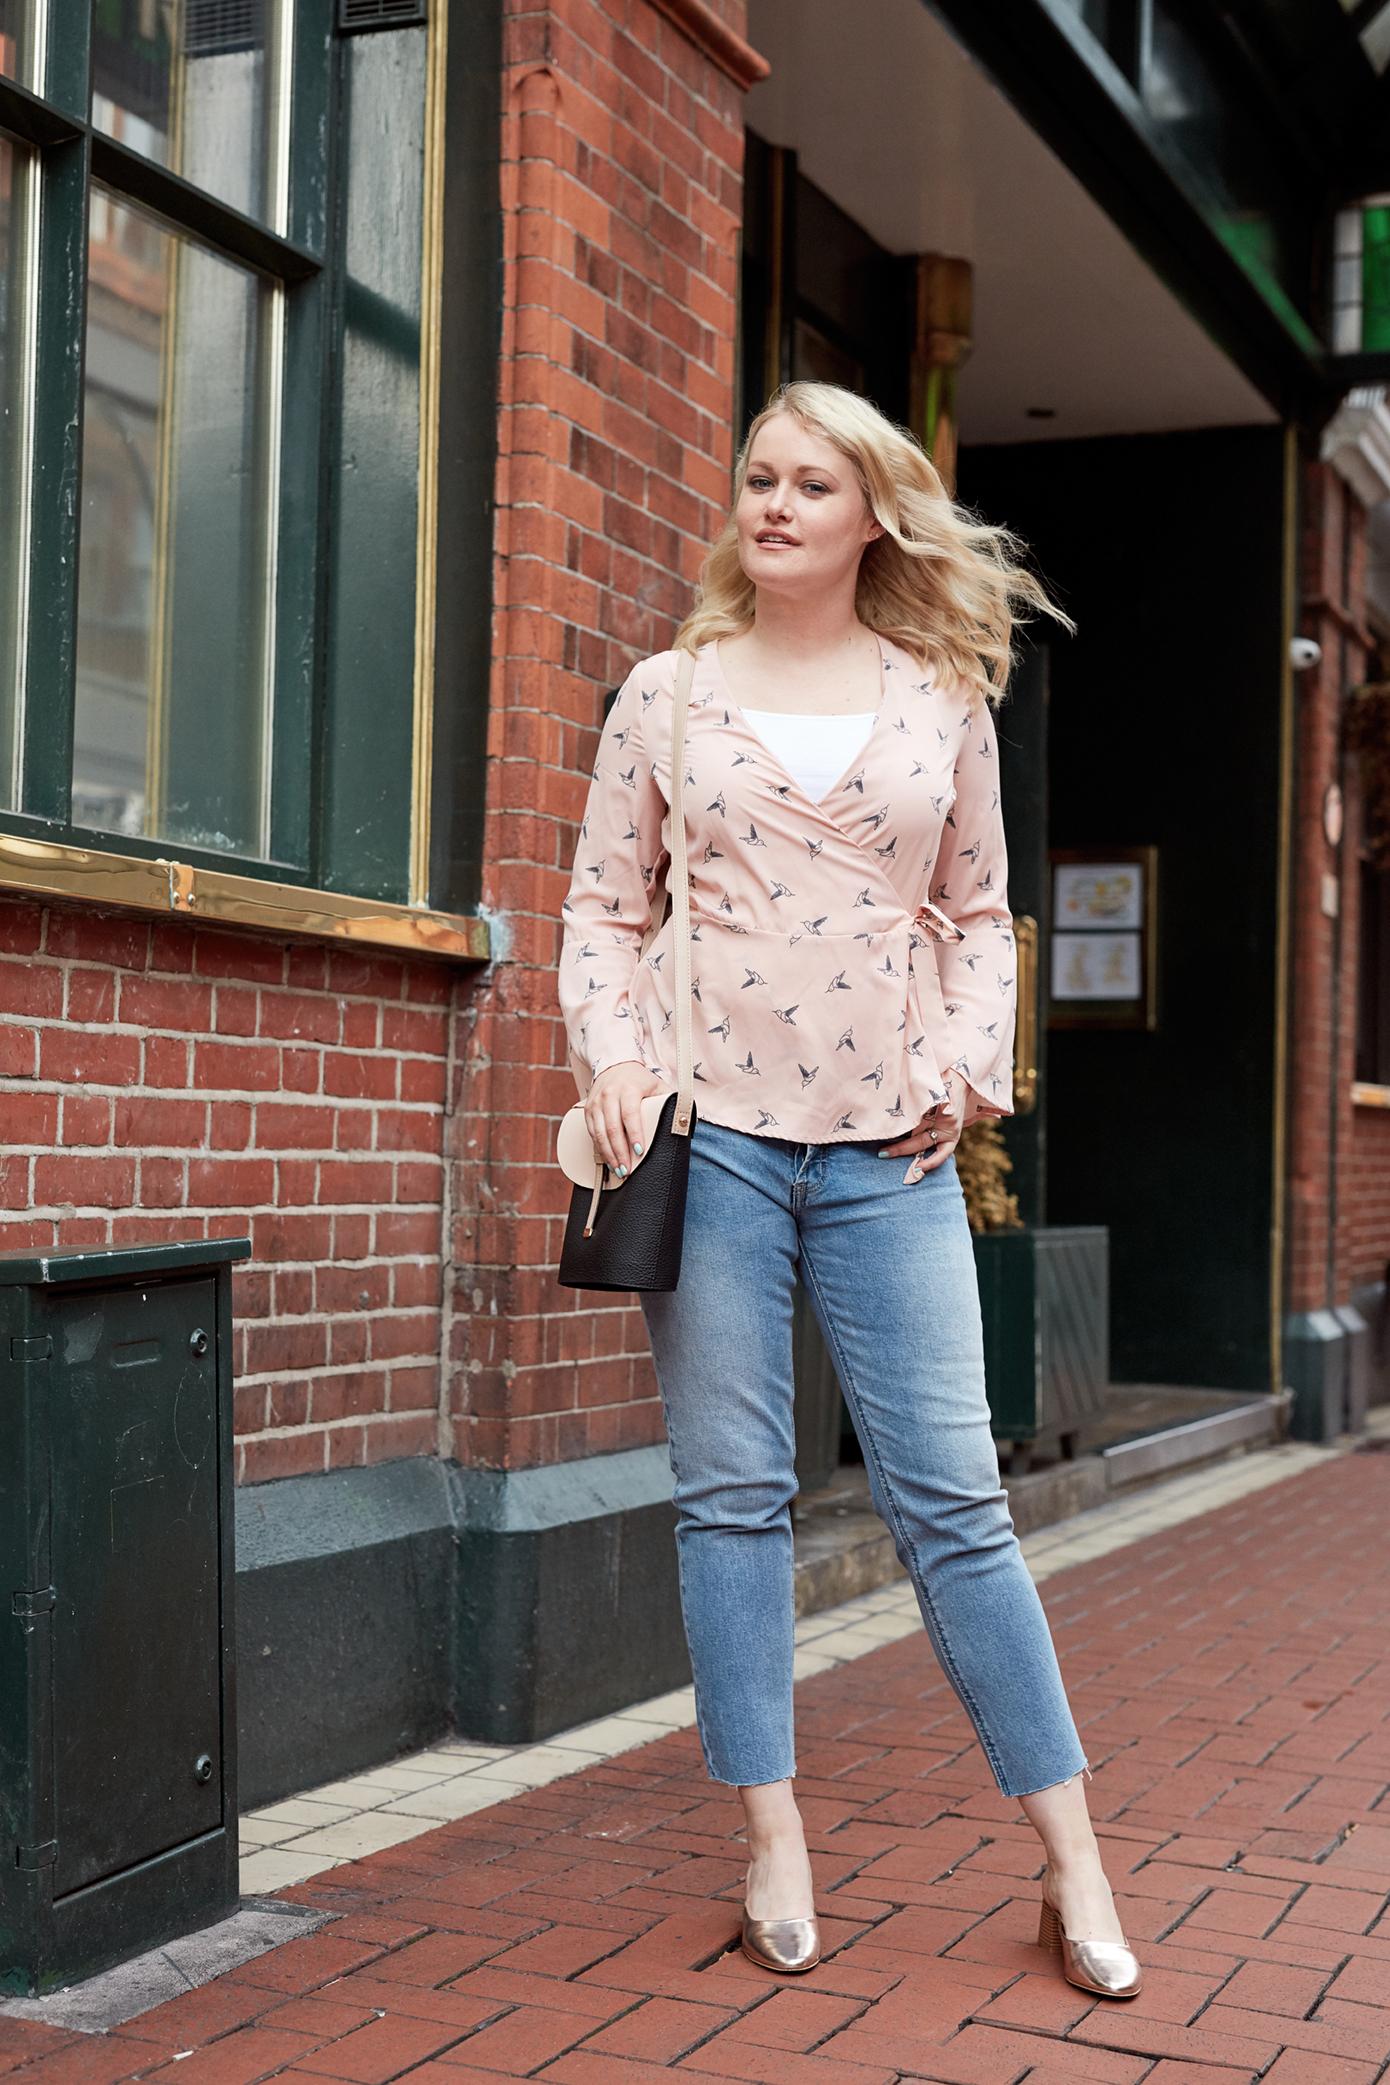 Ways to wear boyfriend jeans Part 2